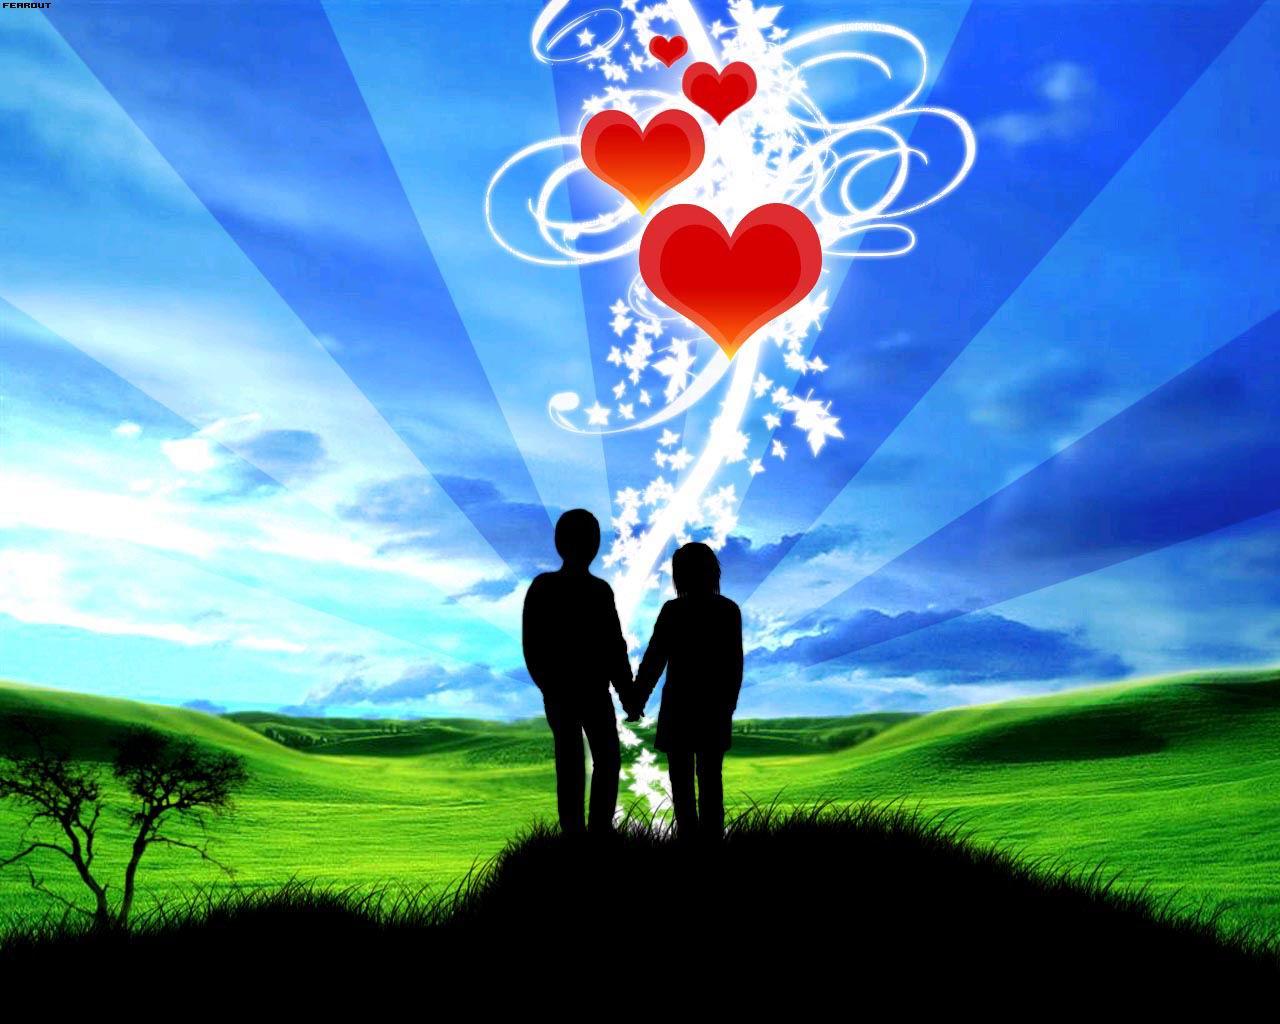 влюбленная пара, скачать фото, обои на рабочий стол, сердца